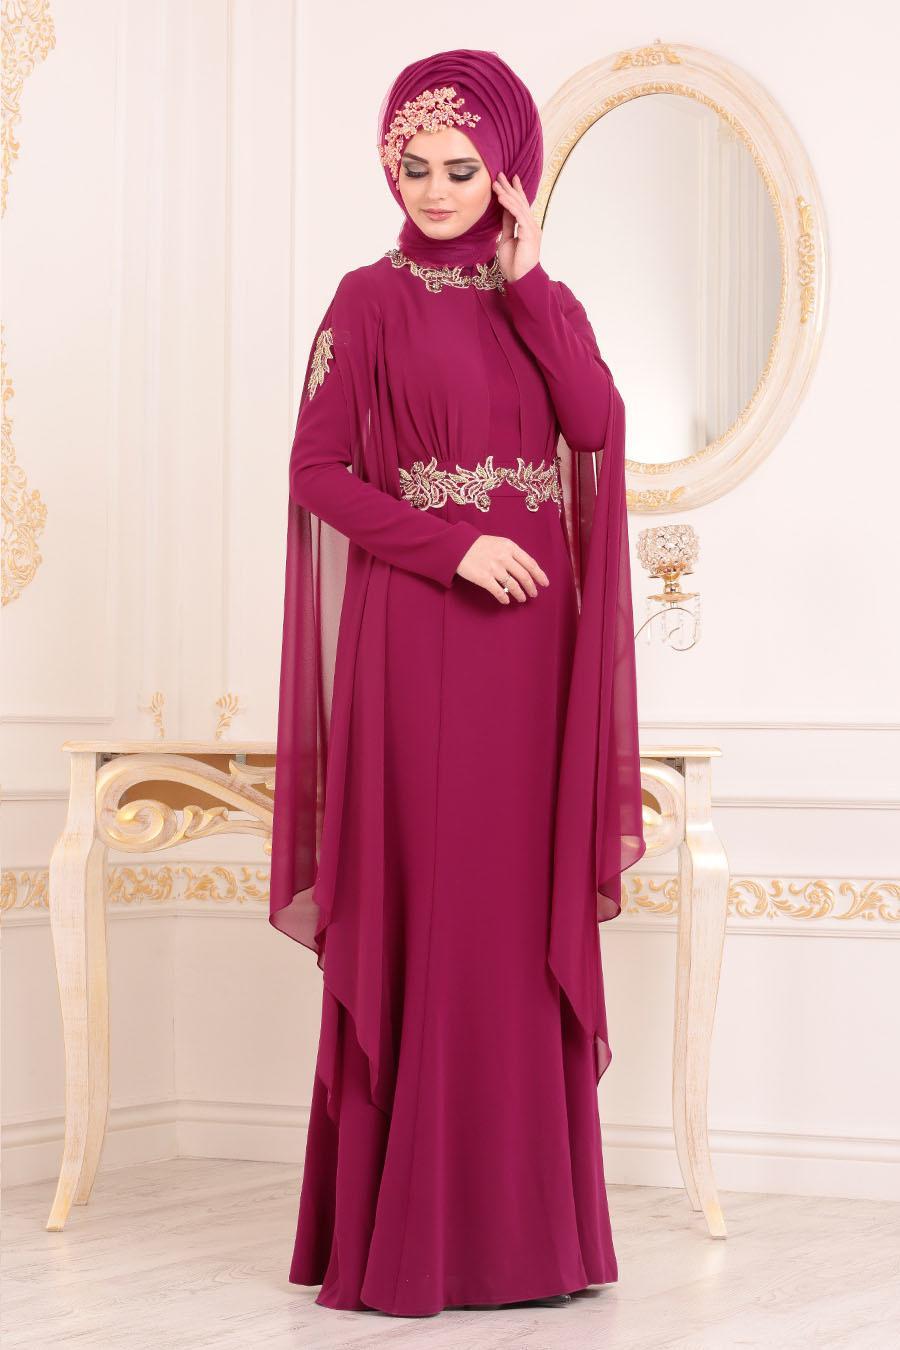 Tesettürlü Abiye Elbise - Boncuk Dantel Detaylı Fuşya Tesettür Abiye Elbise 2036F